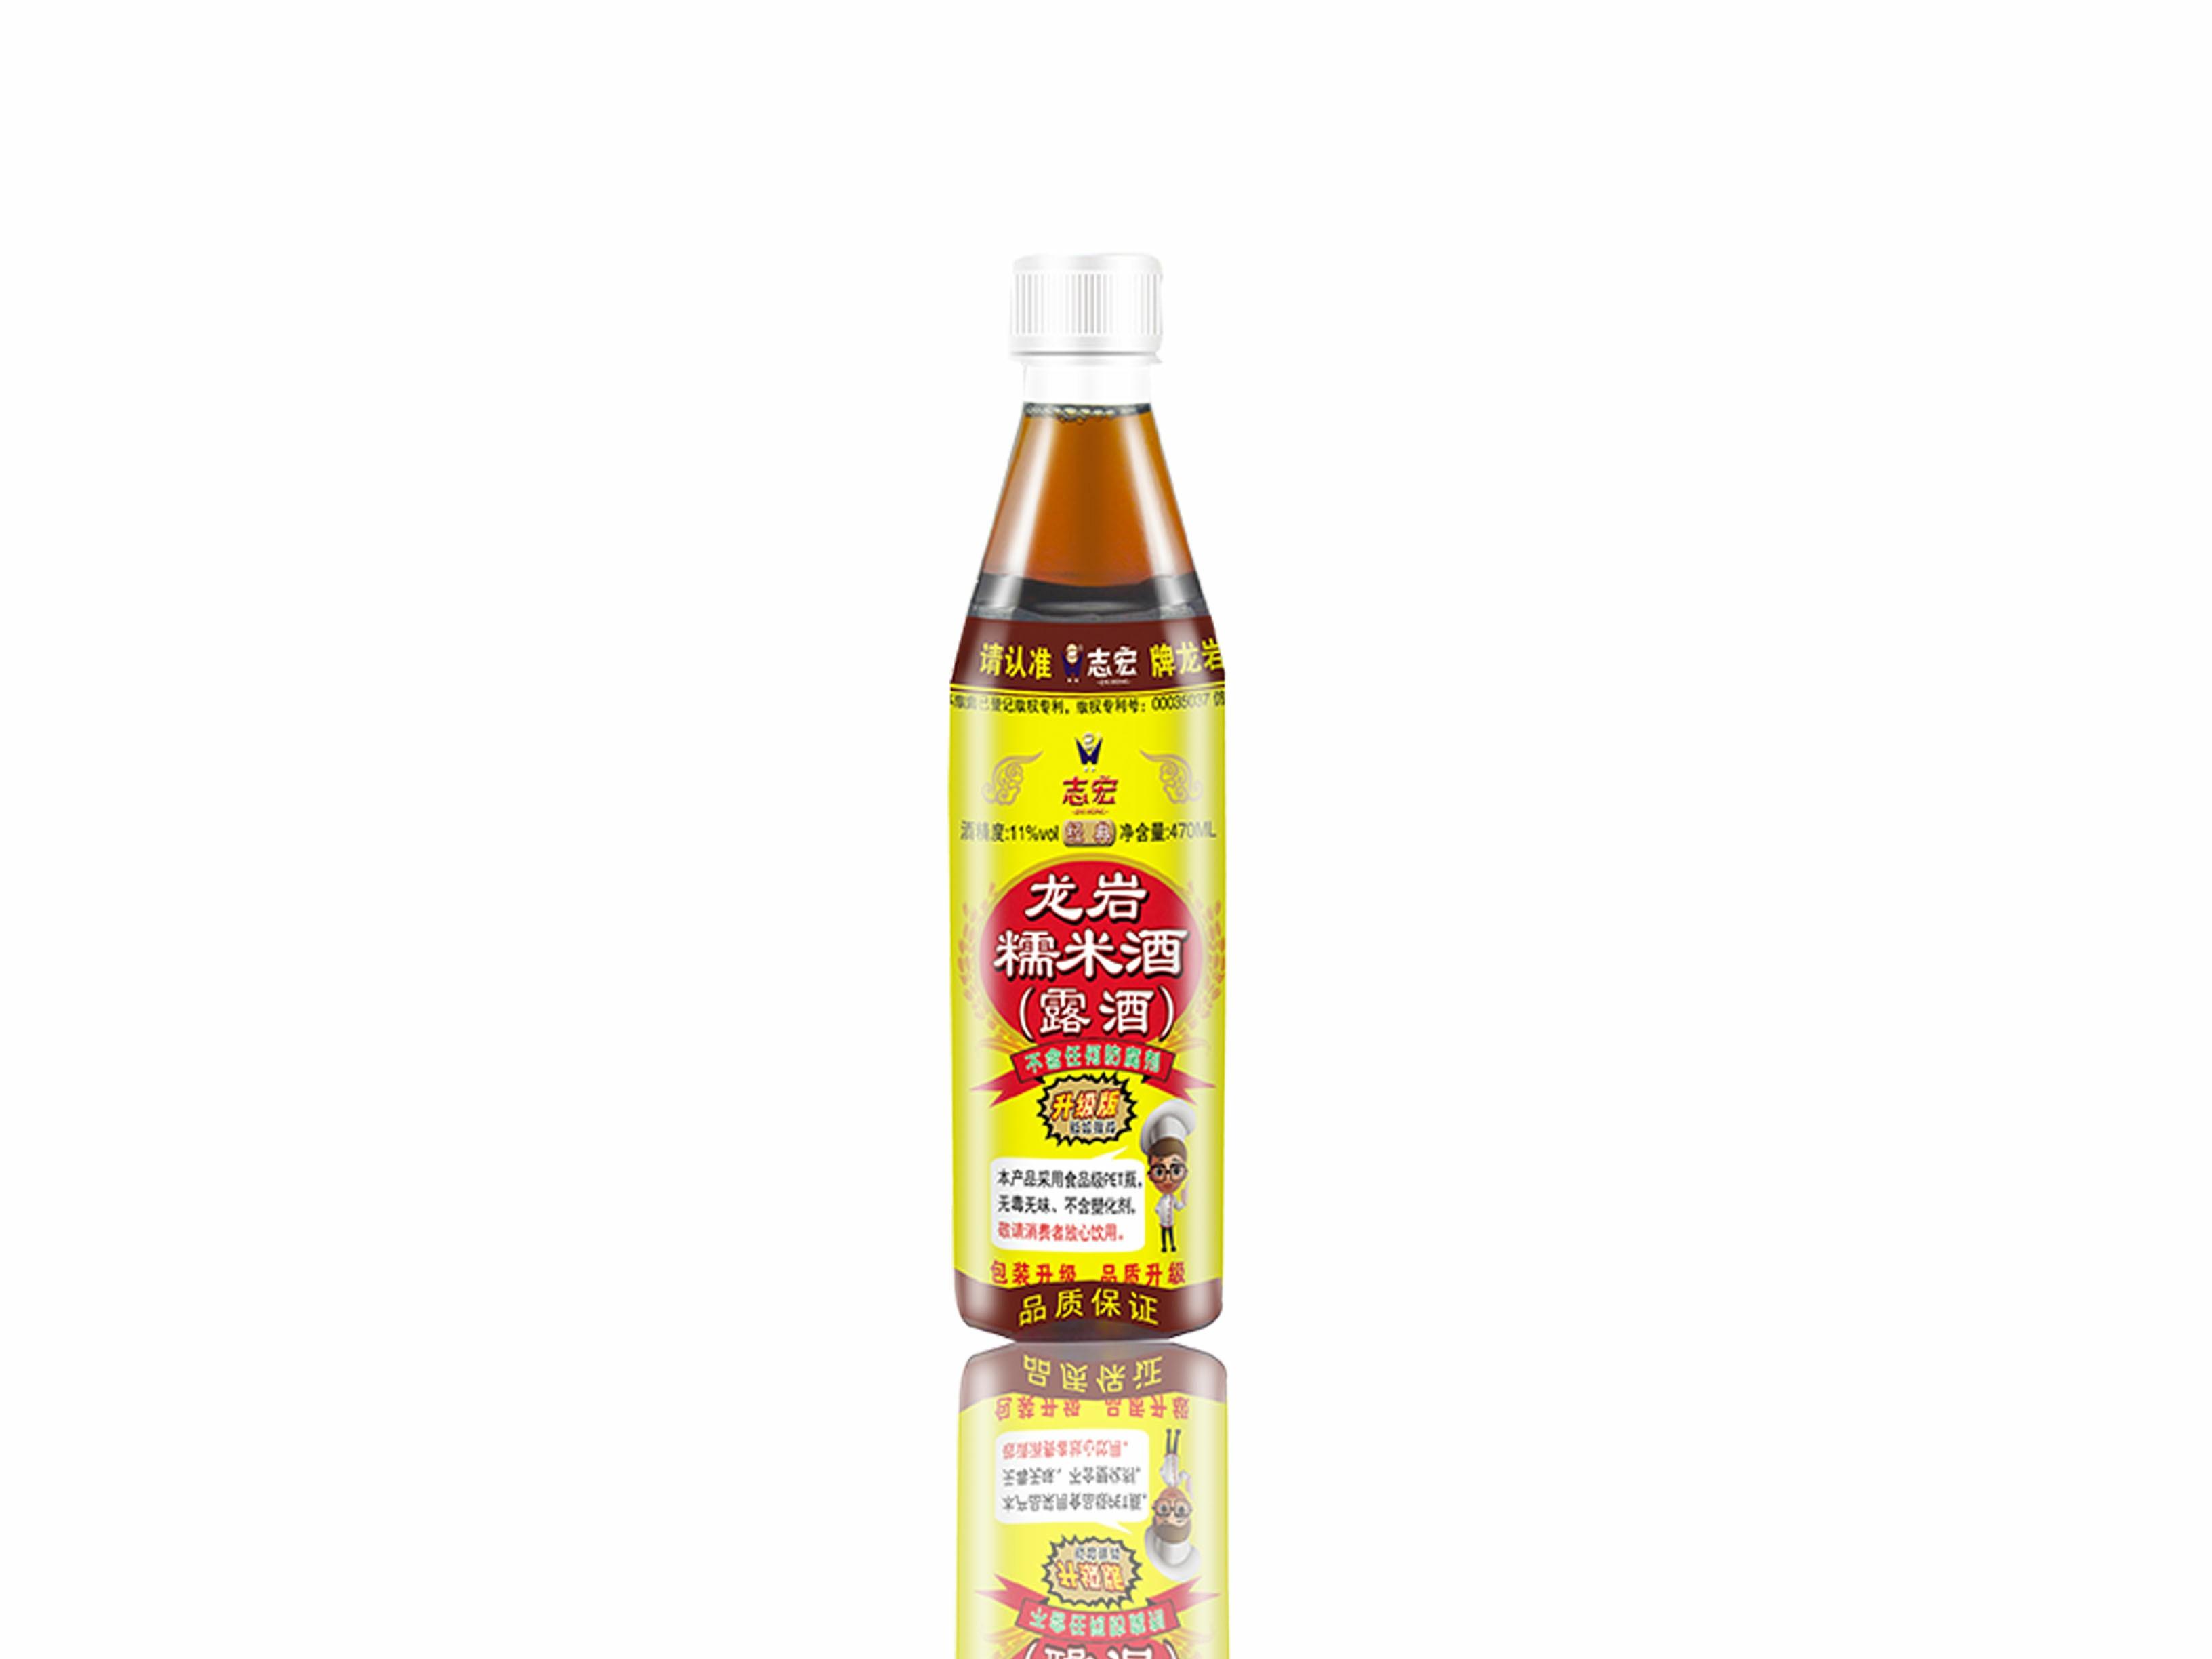 志宏龙岩糯米酒(